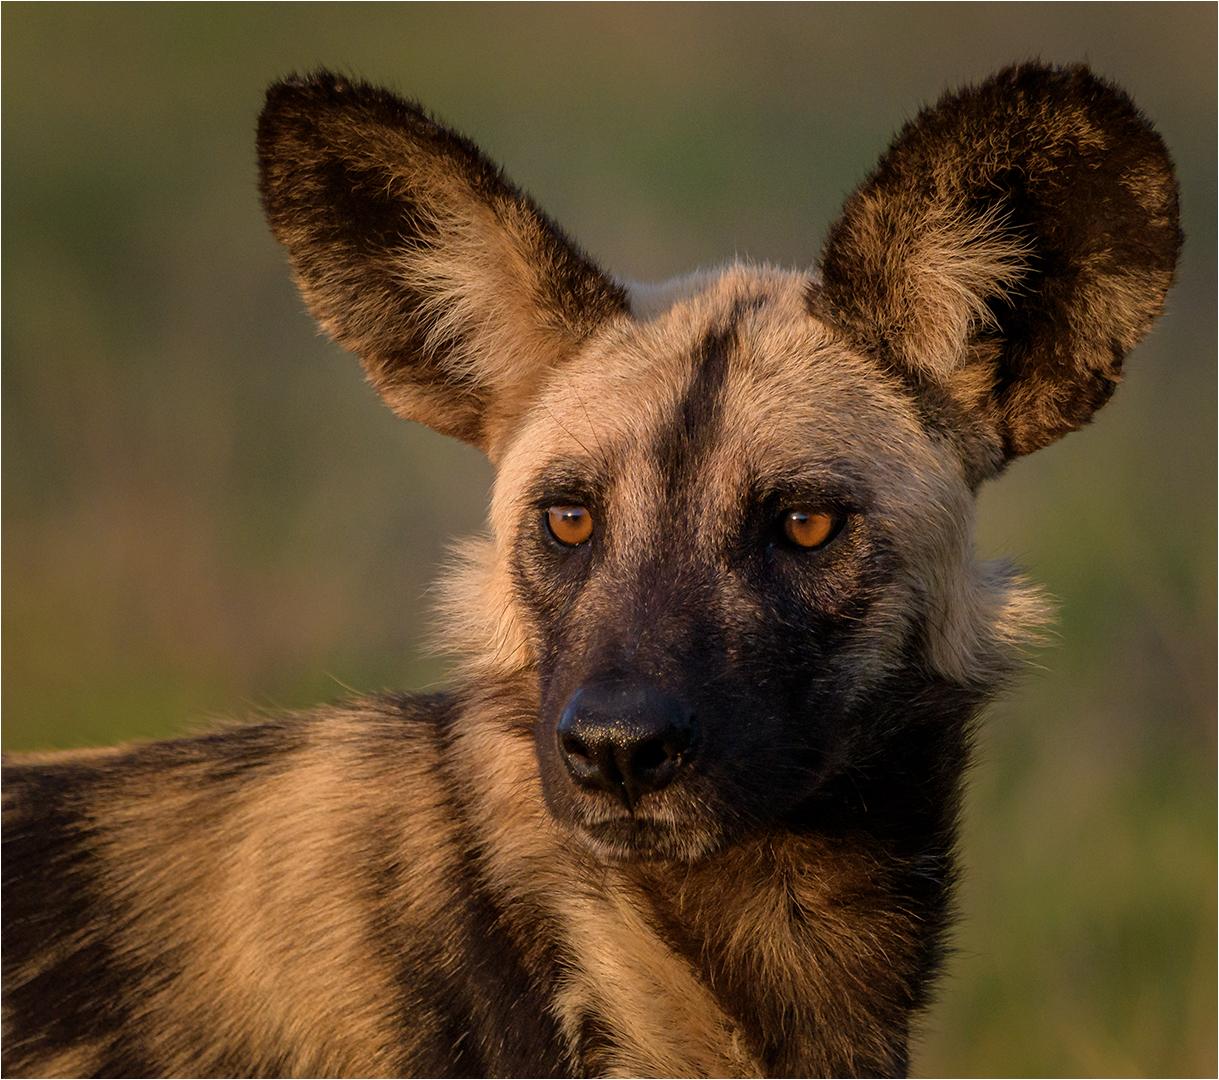 Wild dog portrait – Willie Labuschagne